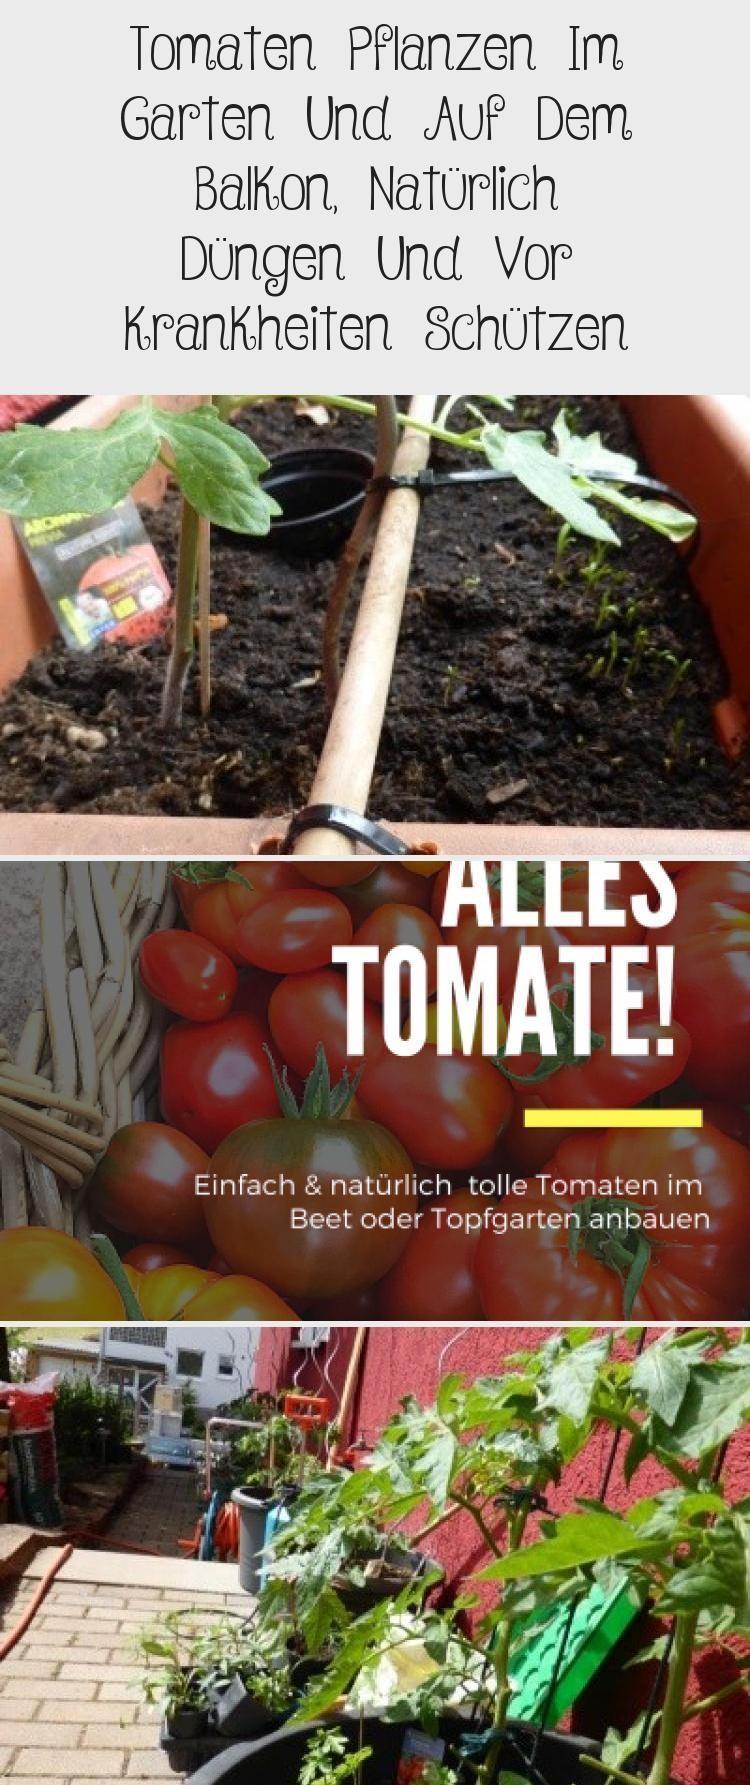 Tomaten Pflanzen Im Garten Und Auf Dem Balkon Naturlich Dungen Und Vor Krankheiten Schutzen Tomatenpflanzen Tomaten Pflanzen Aber Ri In 2020 Plants Tango Vegetables